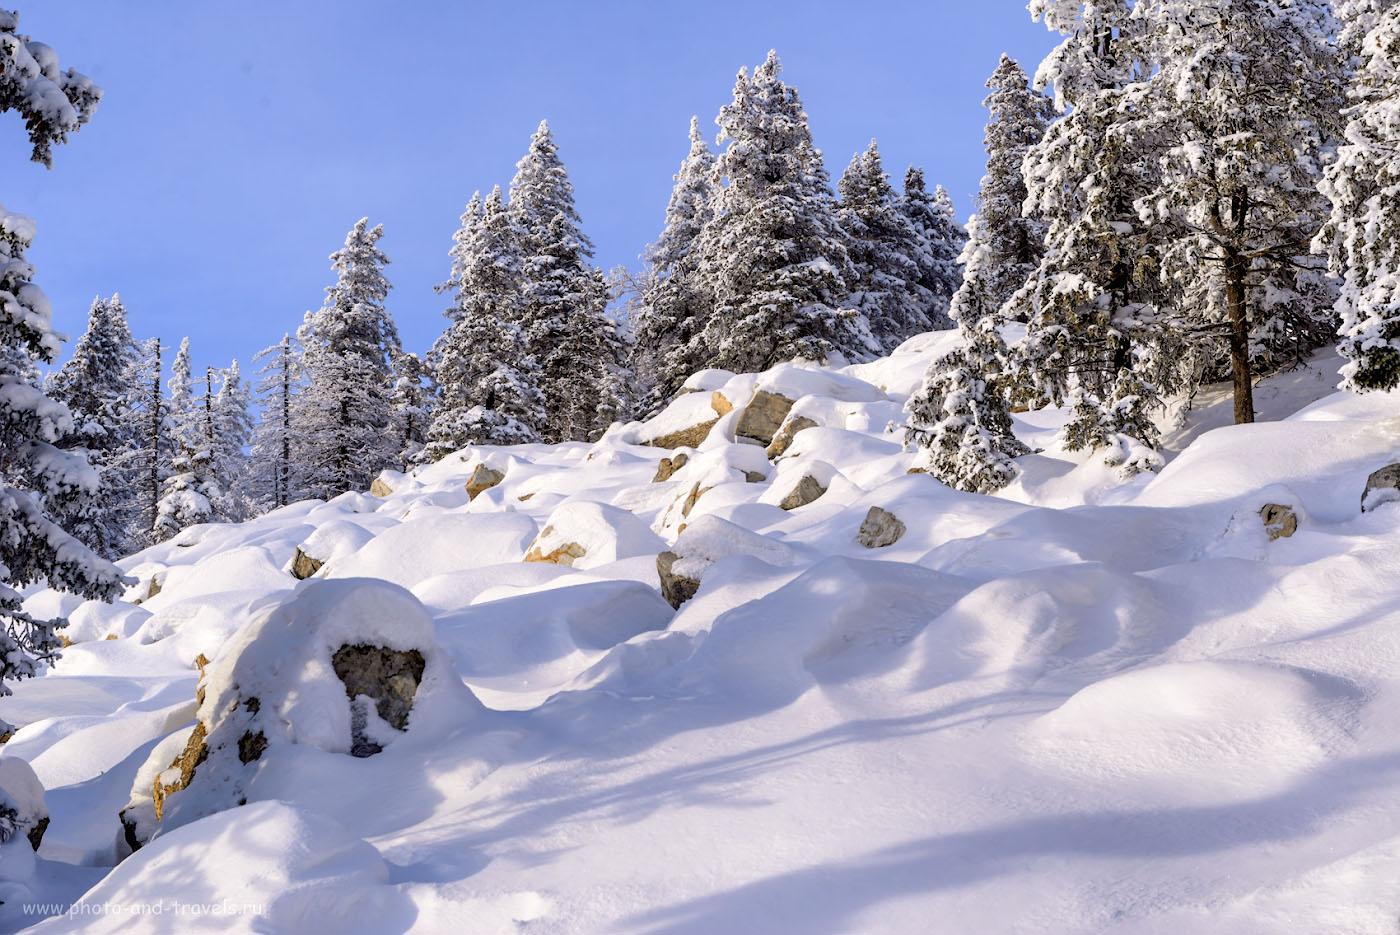 Фото 7. В зимнее время тайга на хребте Зюраткуль и Каменная река на его склонах совсем другие. 1/160, 0.67, 9.0, 125, 60.